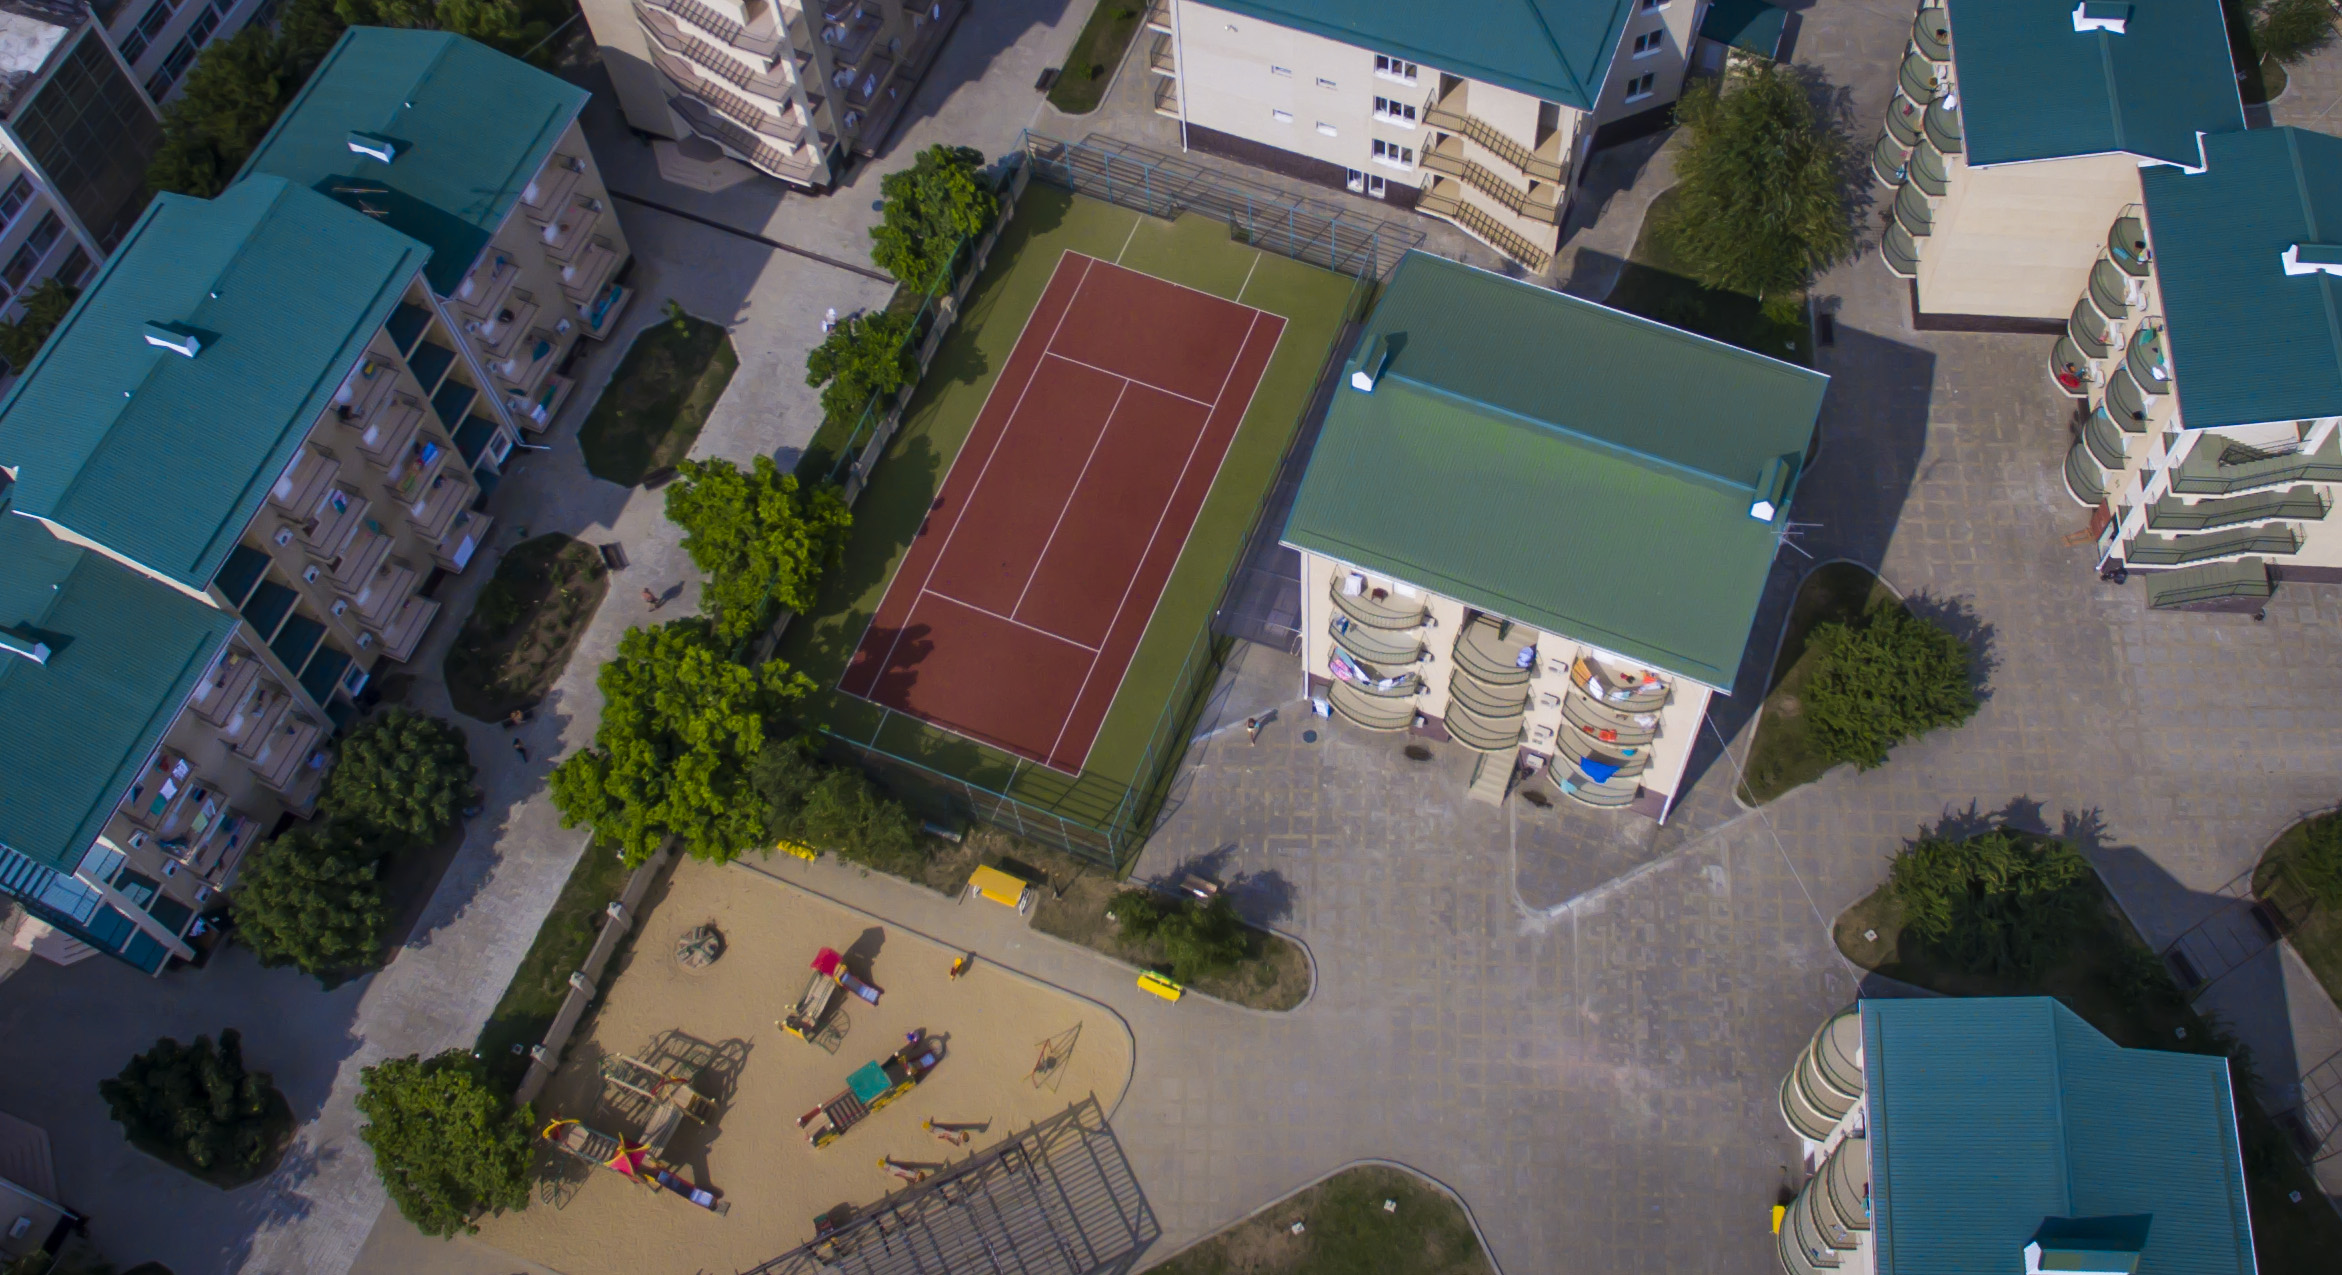 Теннисный корт, детская площадка